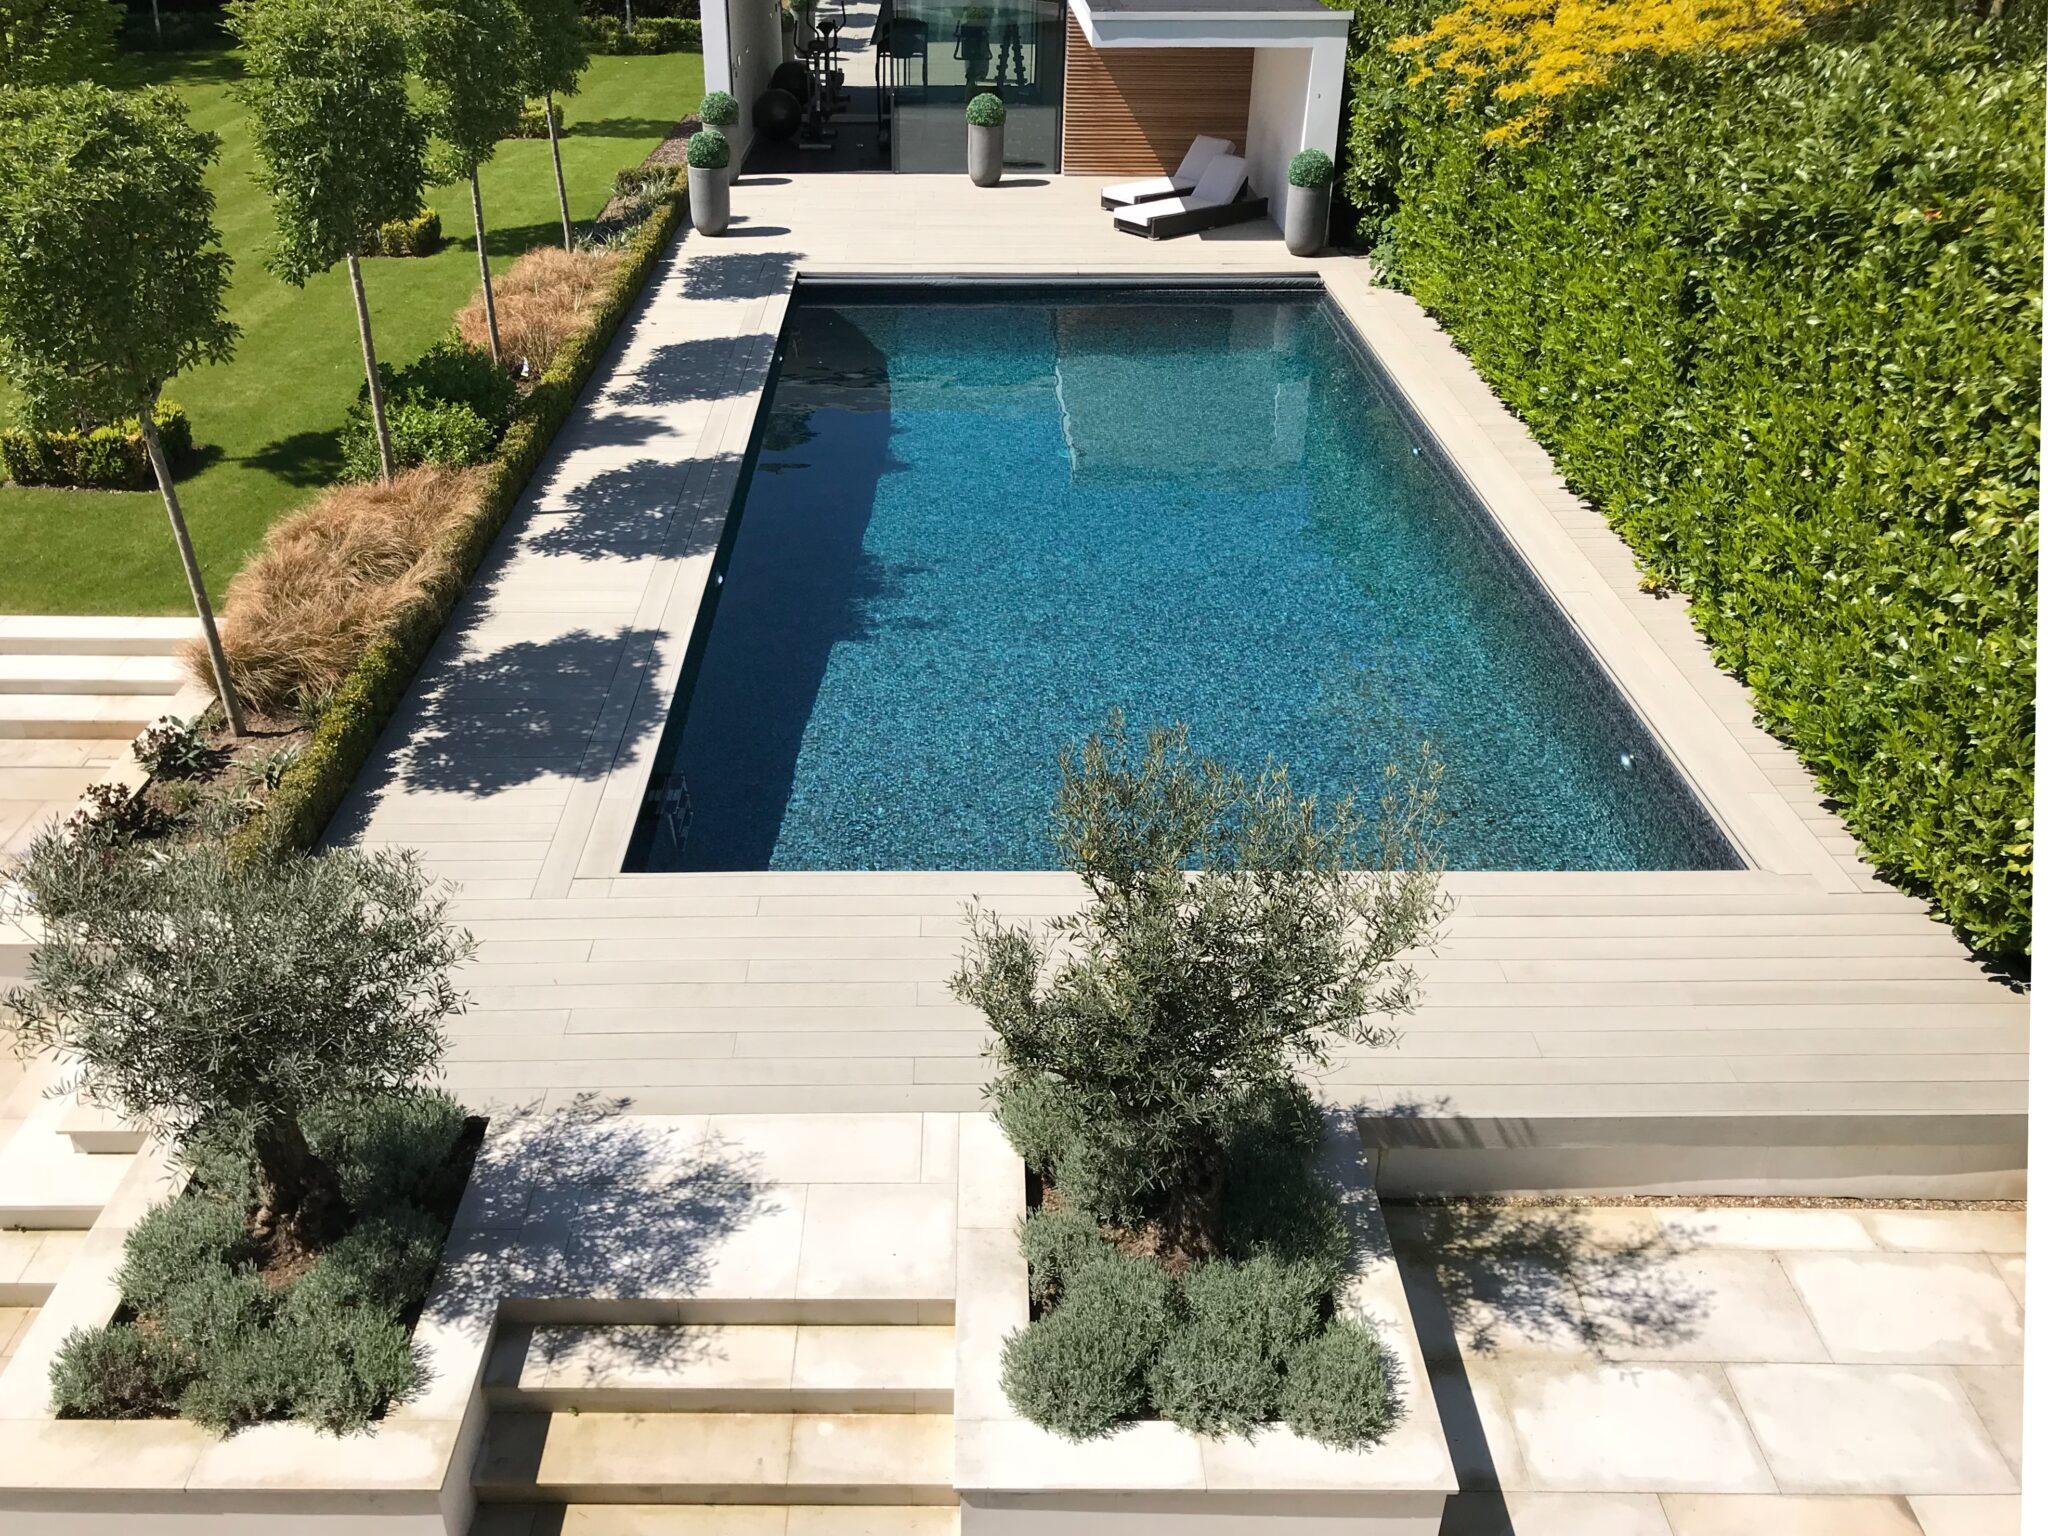 Proyecto-hisbalit-Piscina negra   WATER MIX   Langre-piscina langre water mix mosaic company 2 1